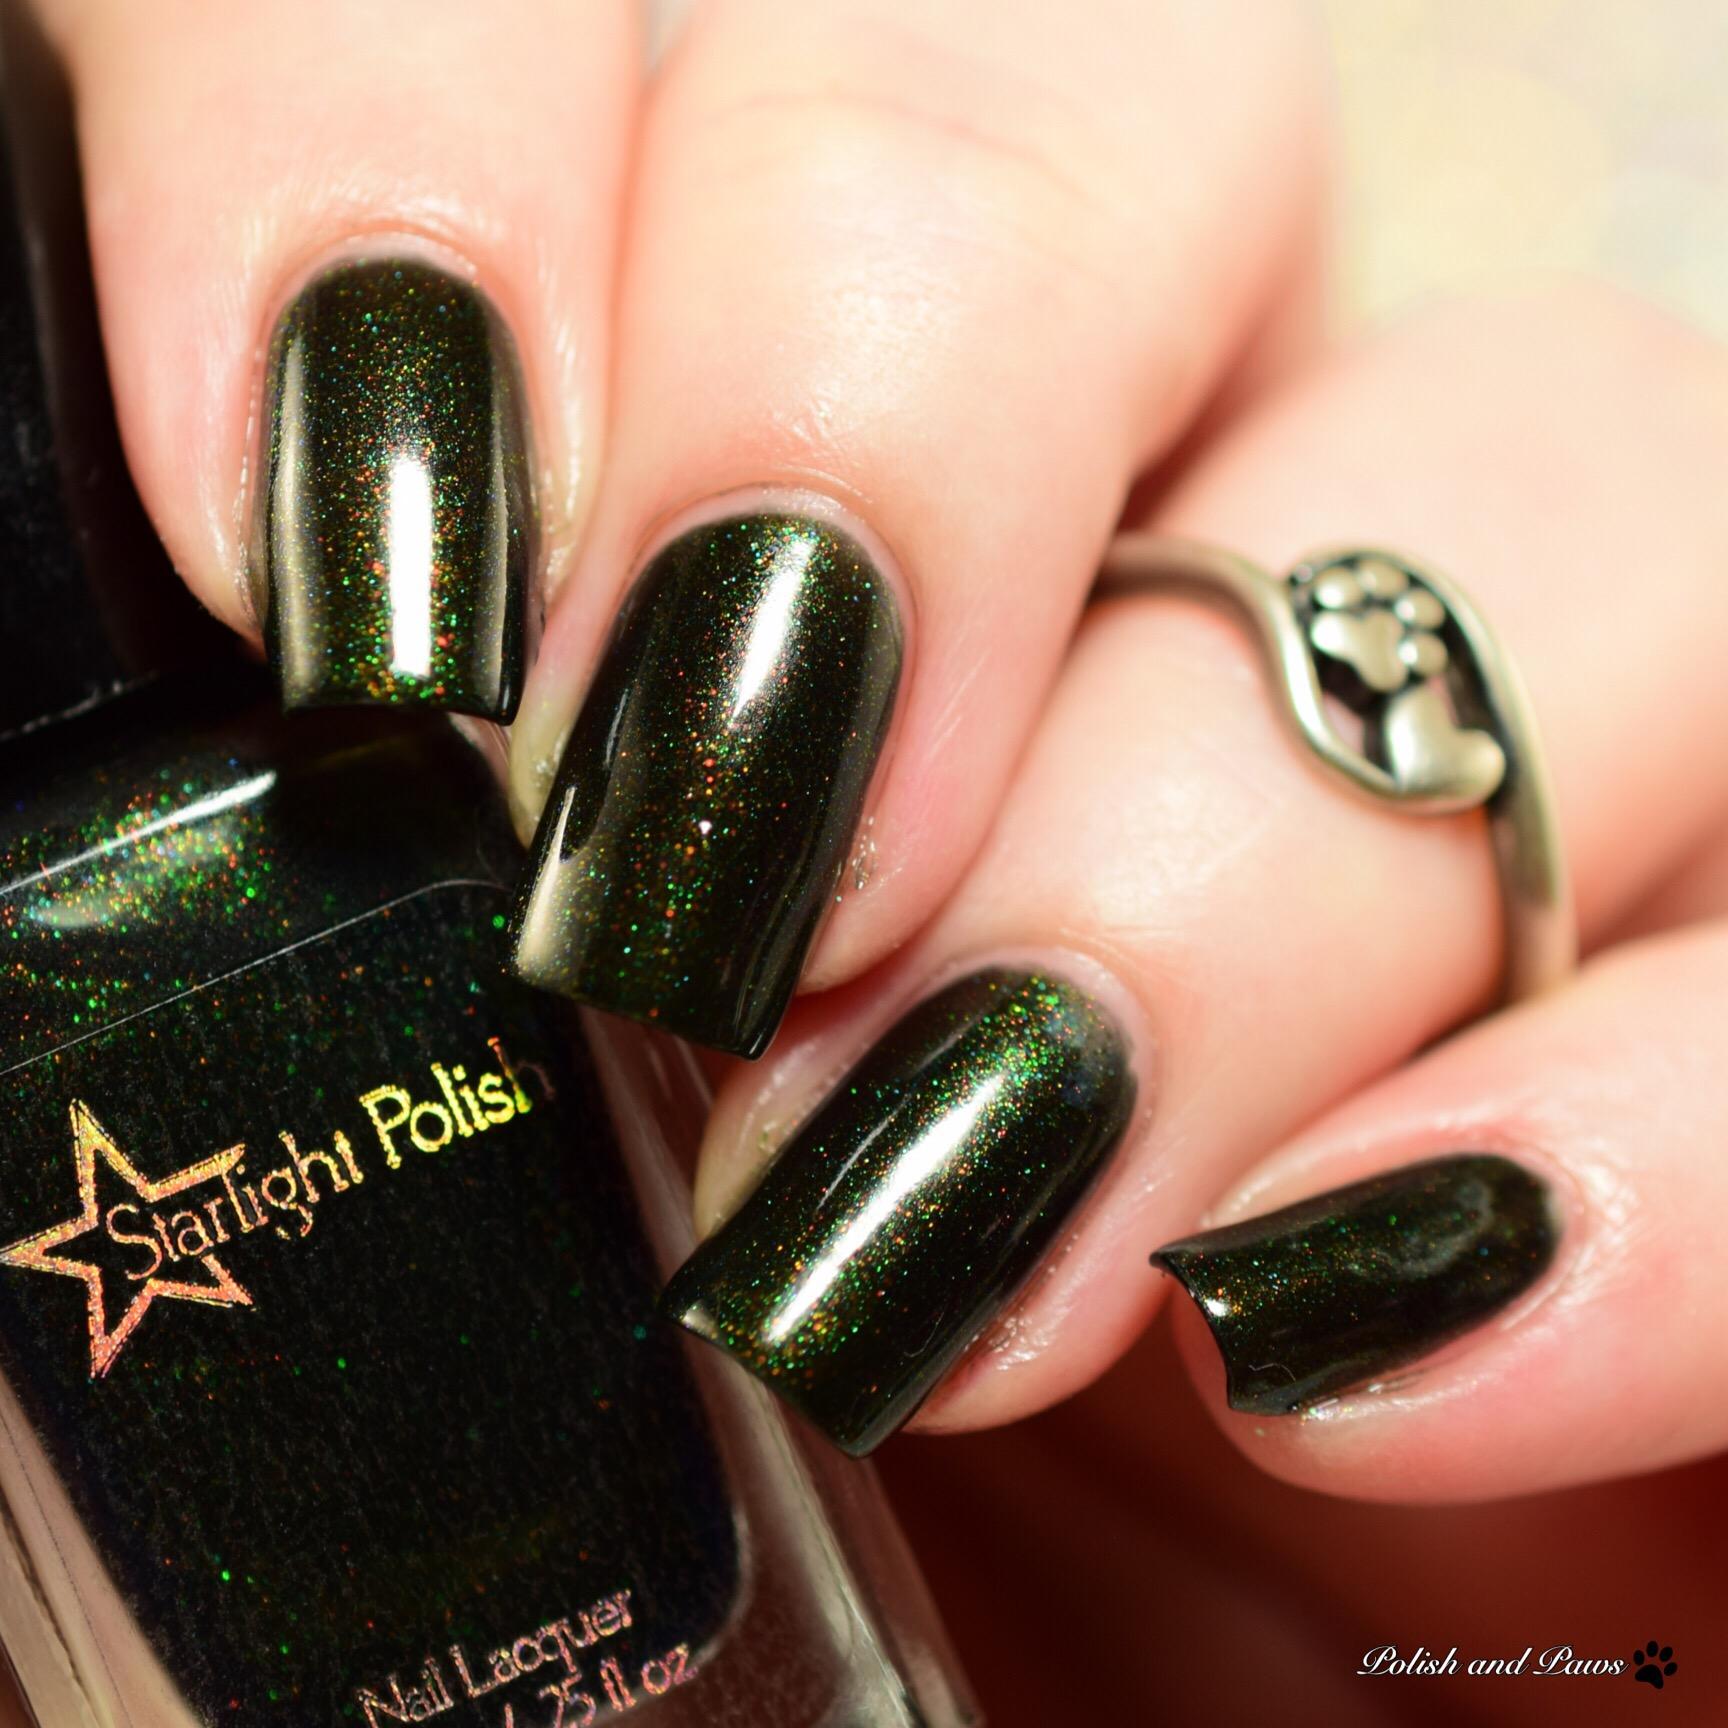 Starlight Polish Chimera Night